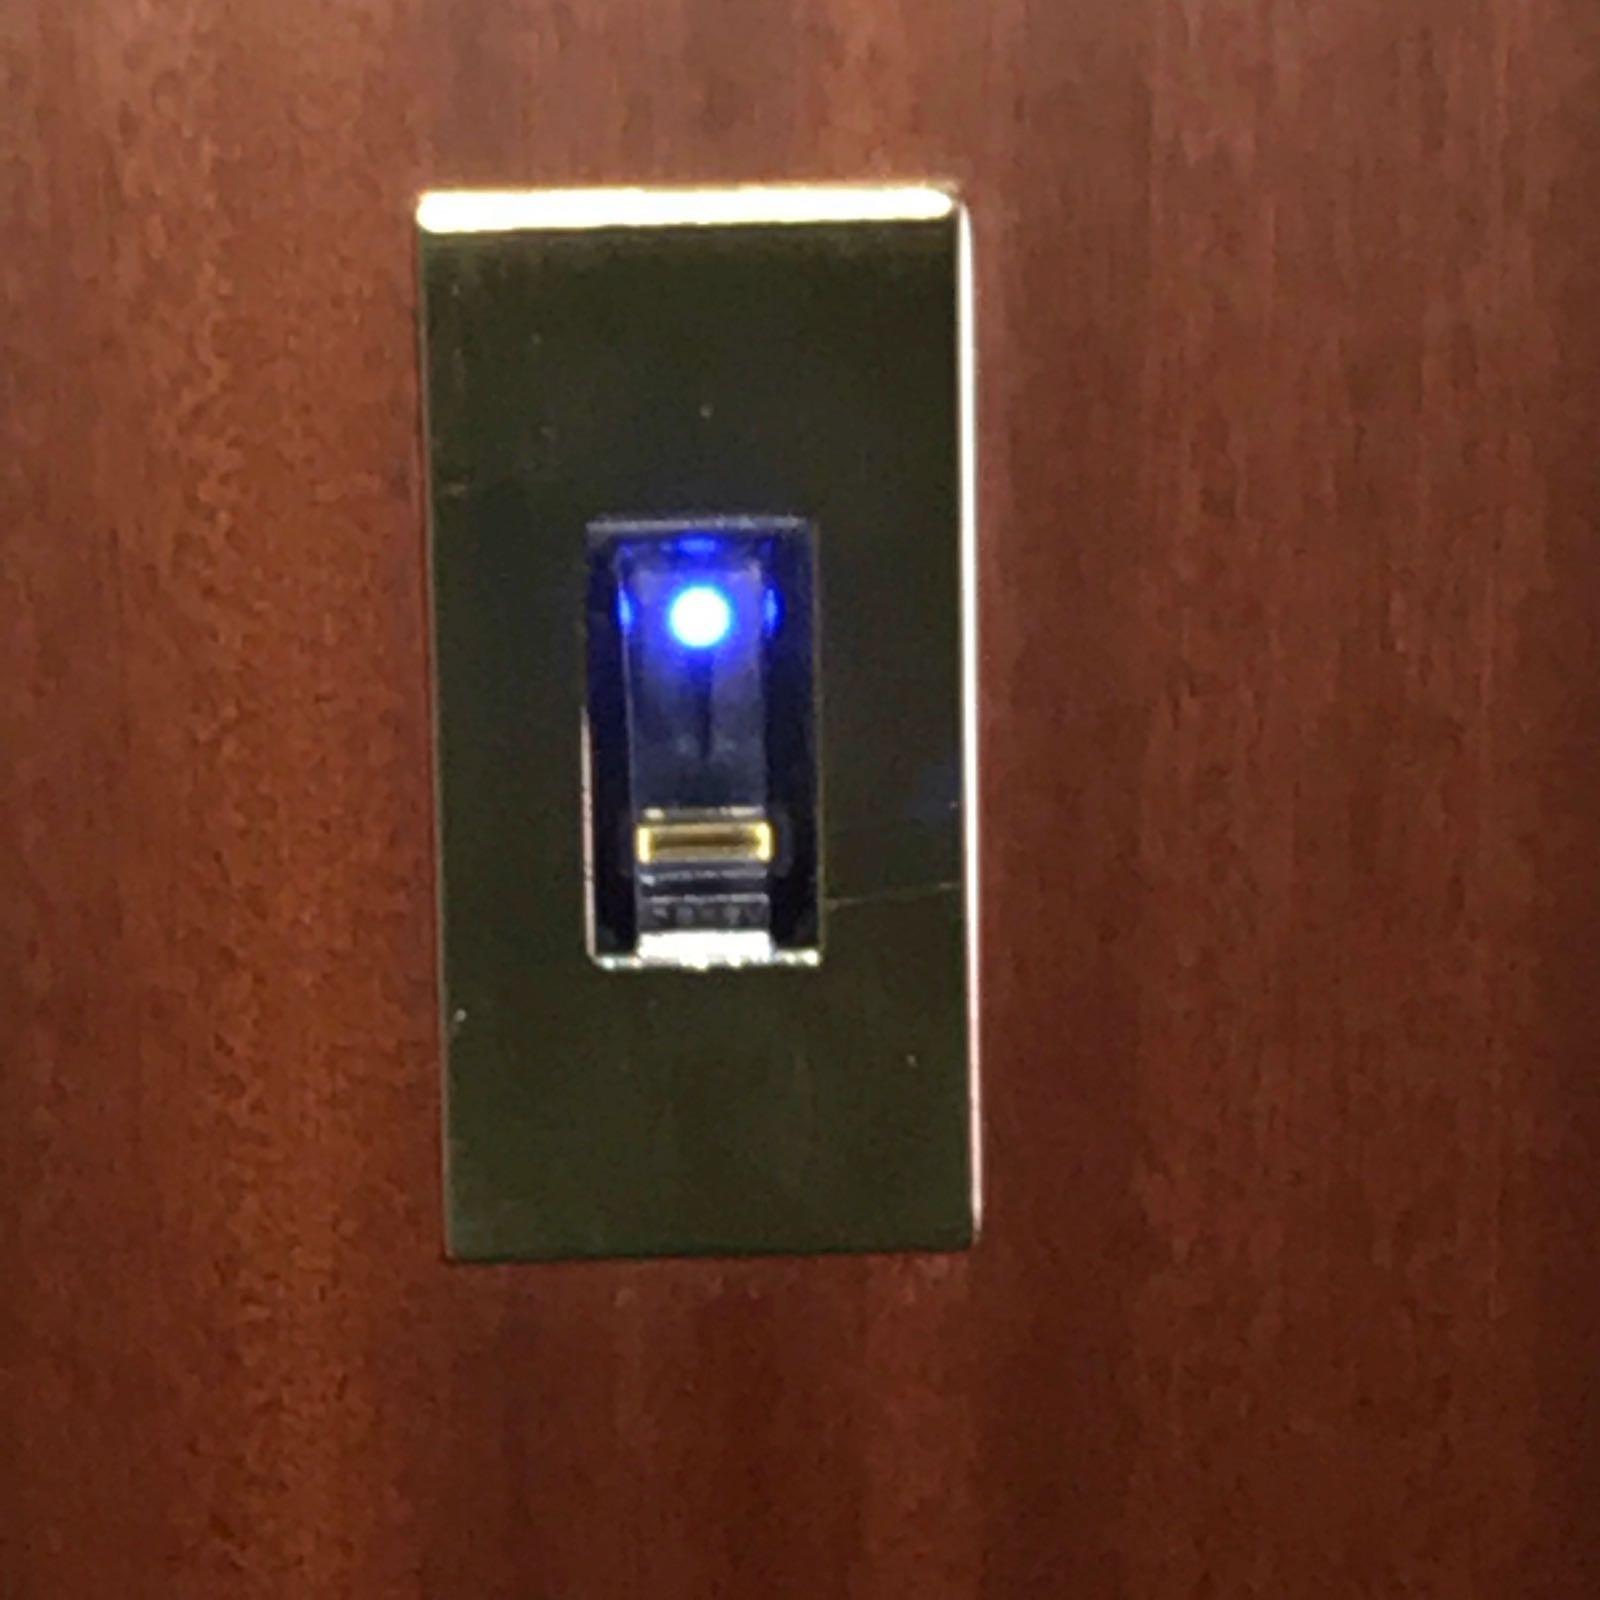 Comando serratura con lettore impronta digitale